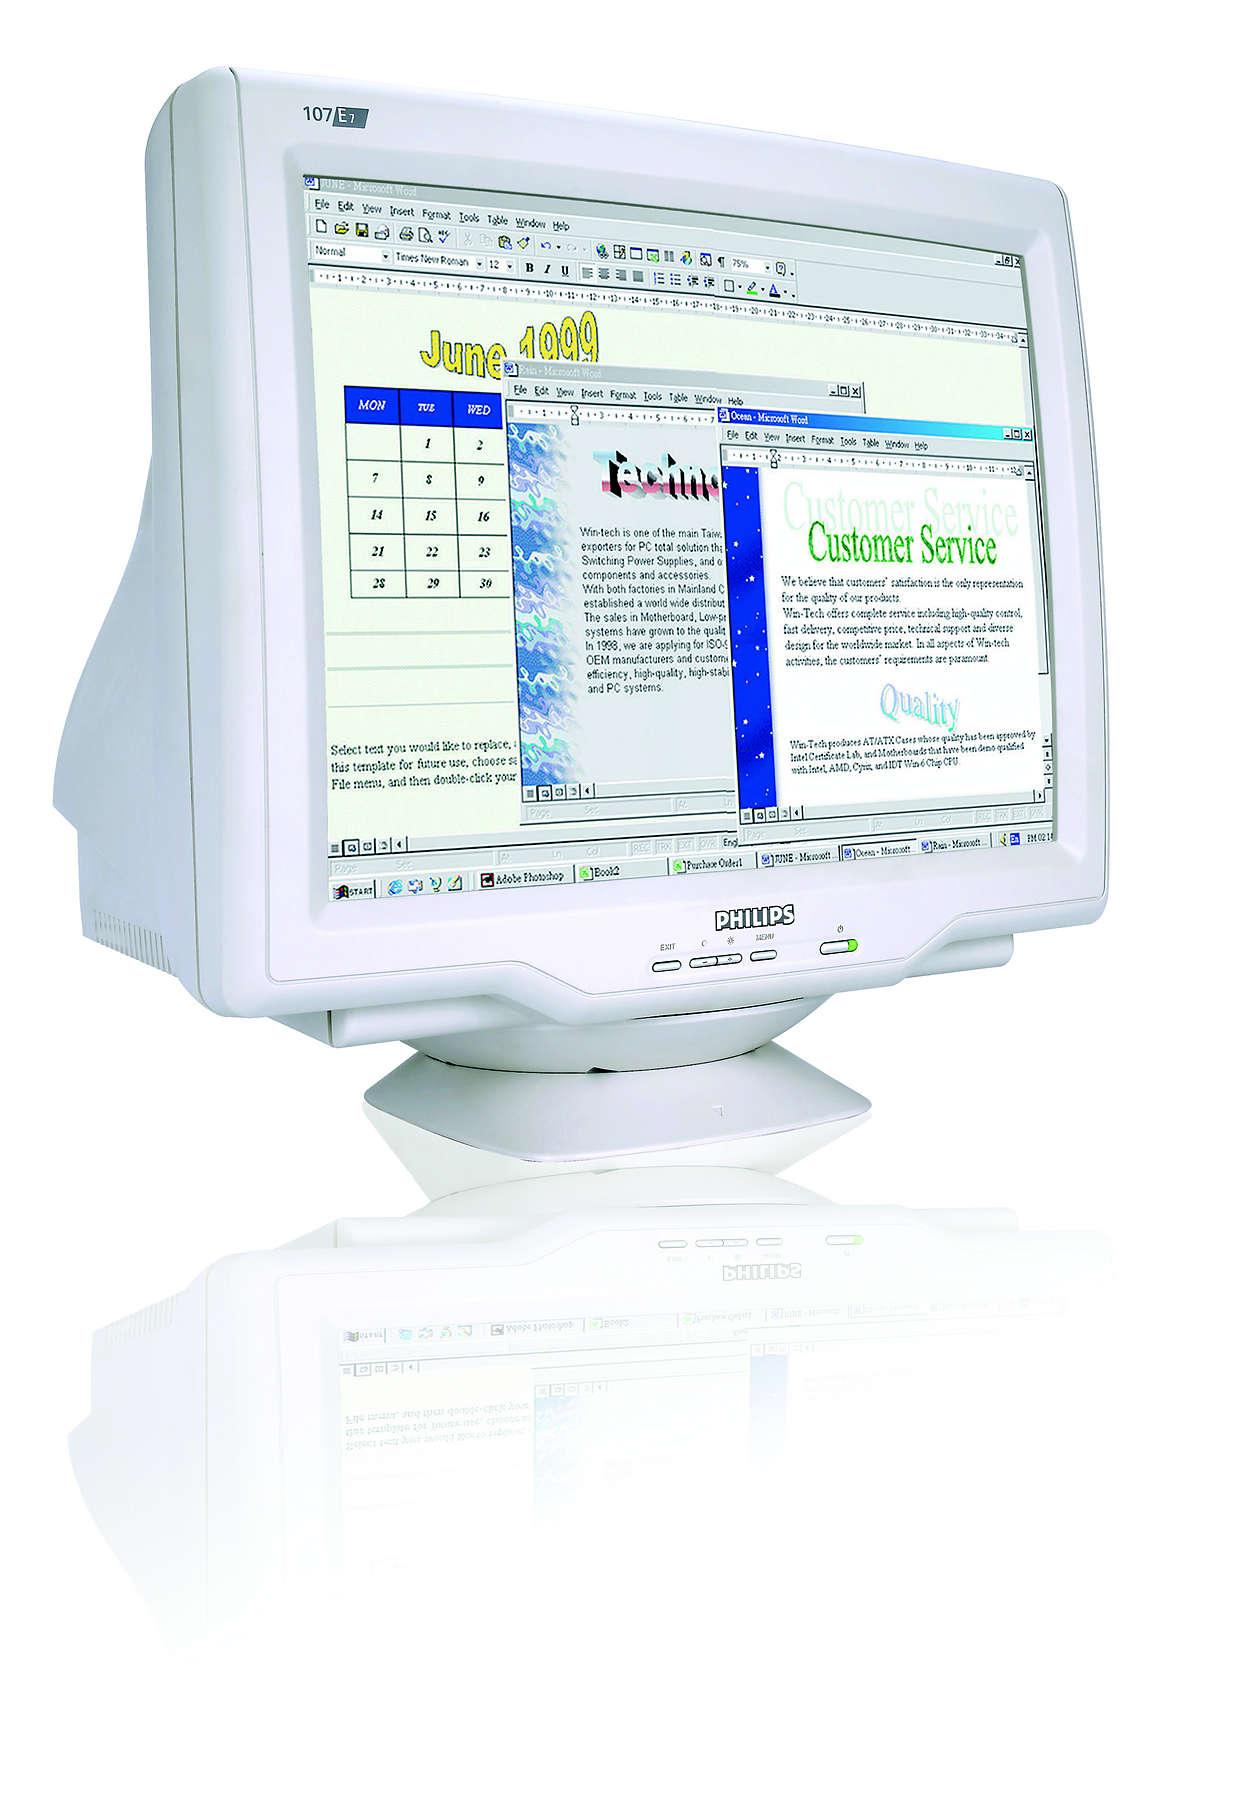 digitalisert CRT, ideell skjermstørrelse og verdi